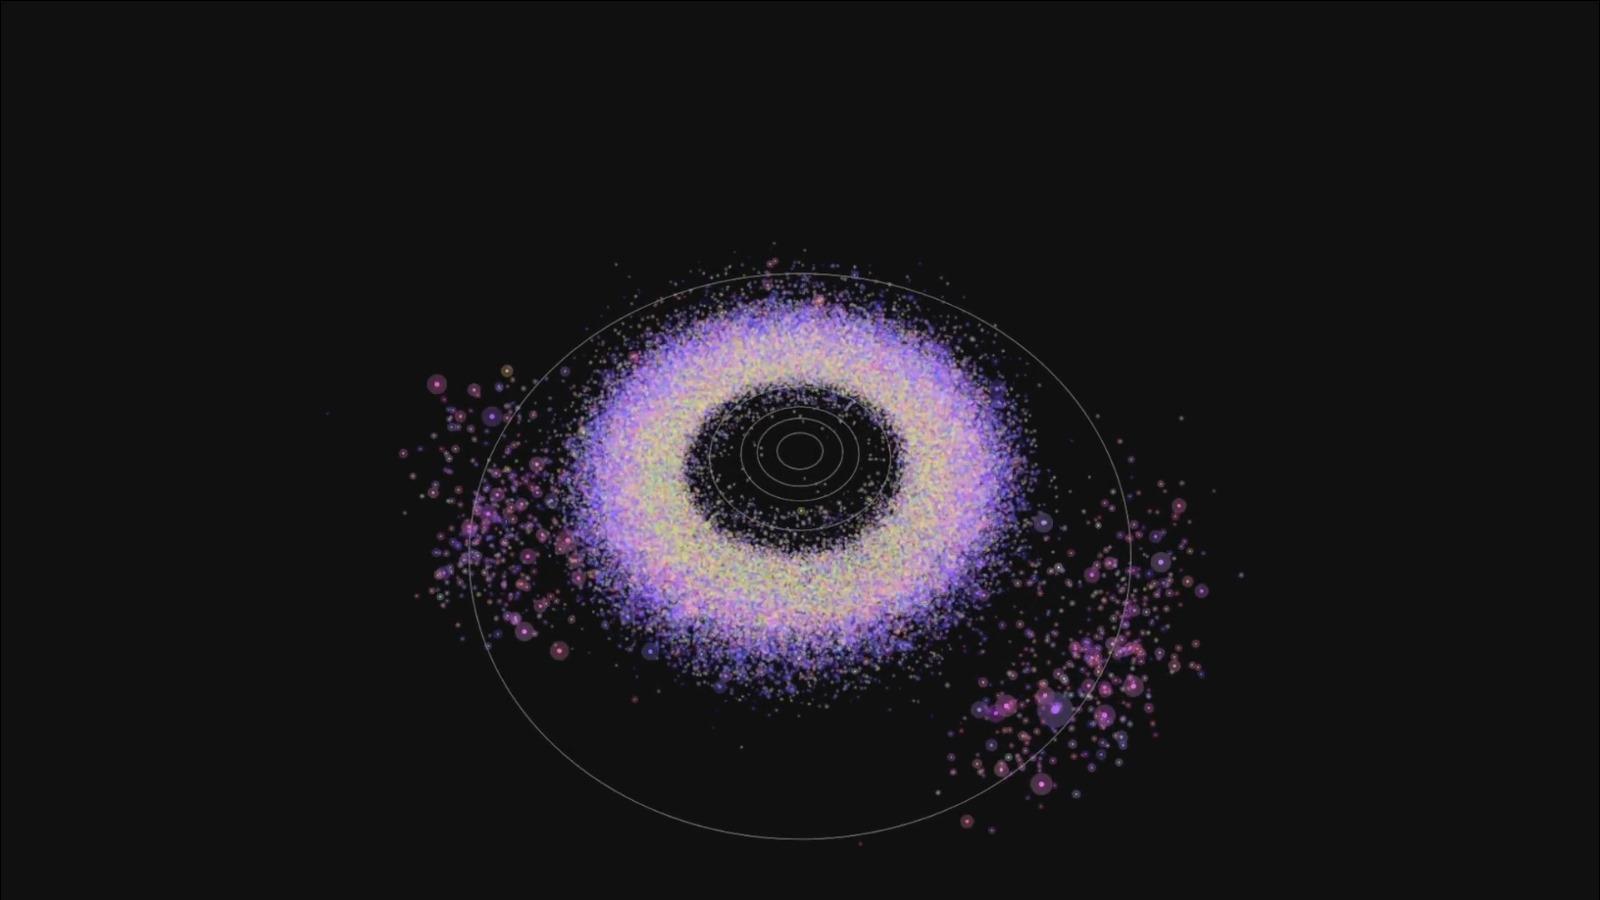 Admirez le mouvement orbital de 100 000 astéroïdes dans notre système solaire